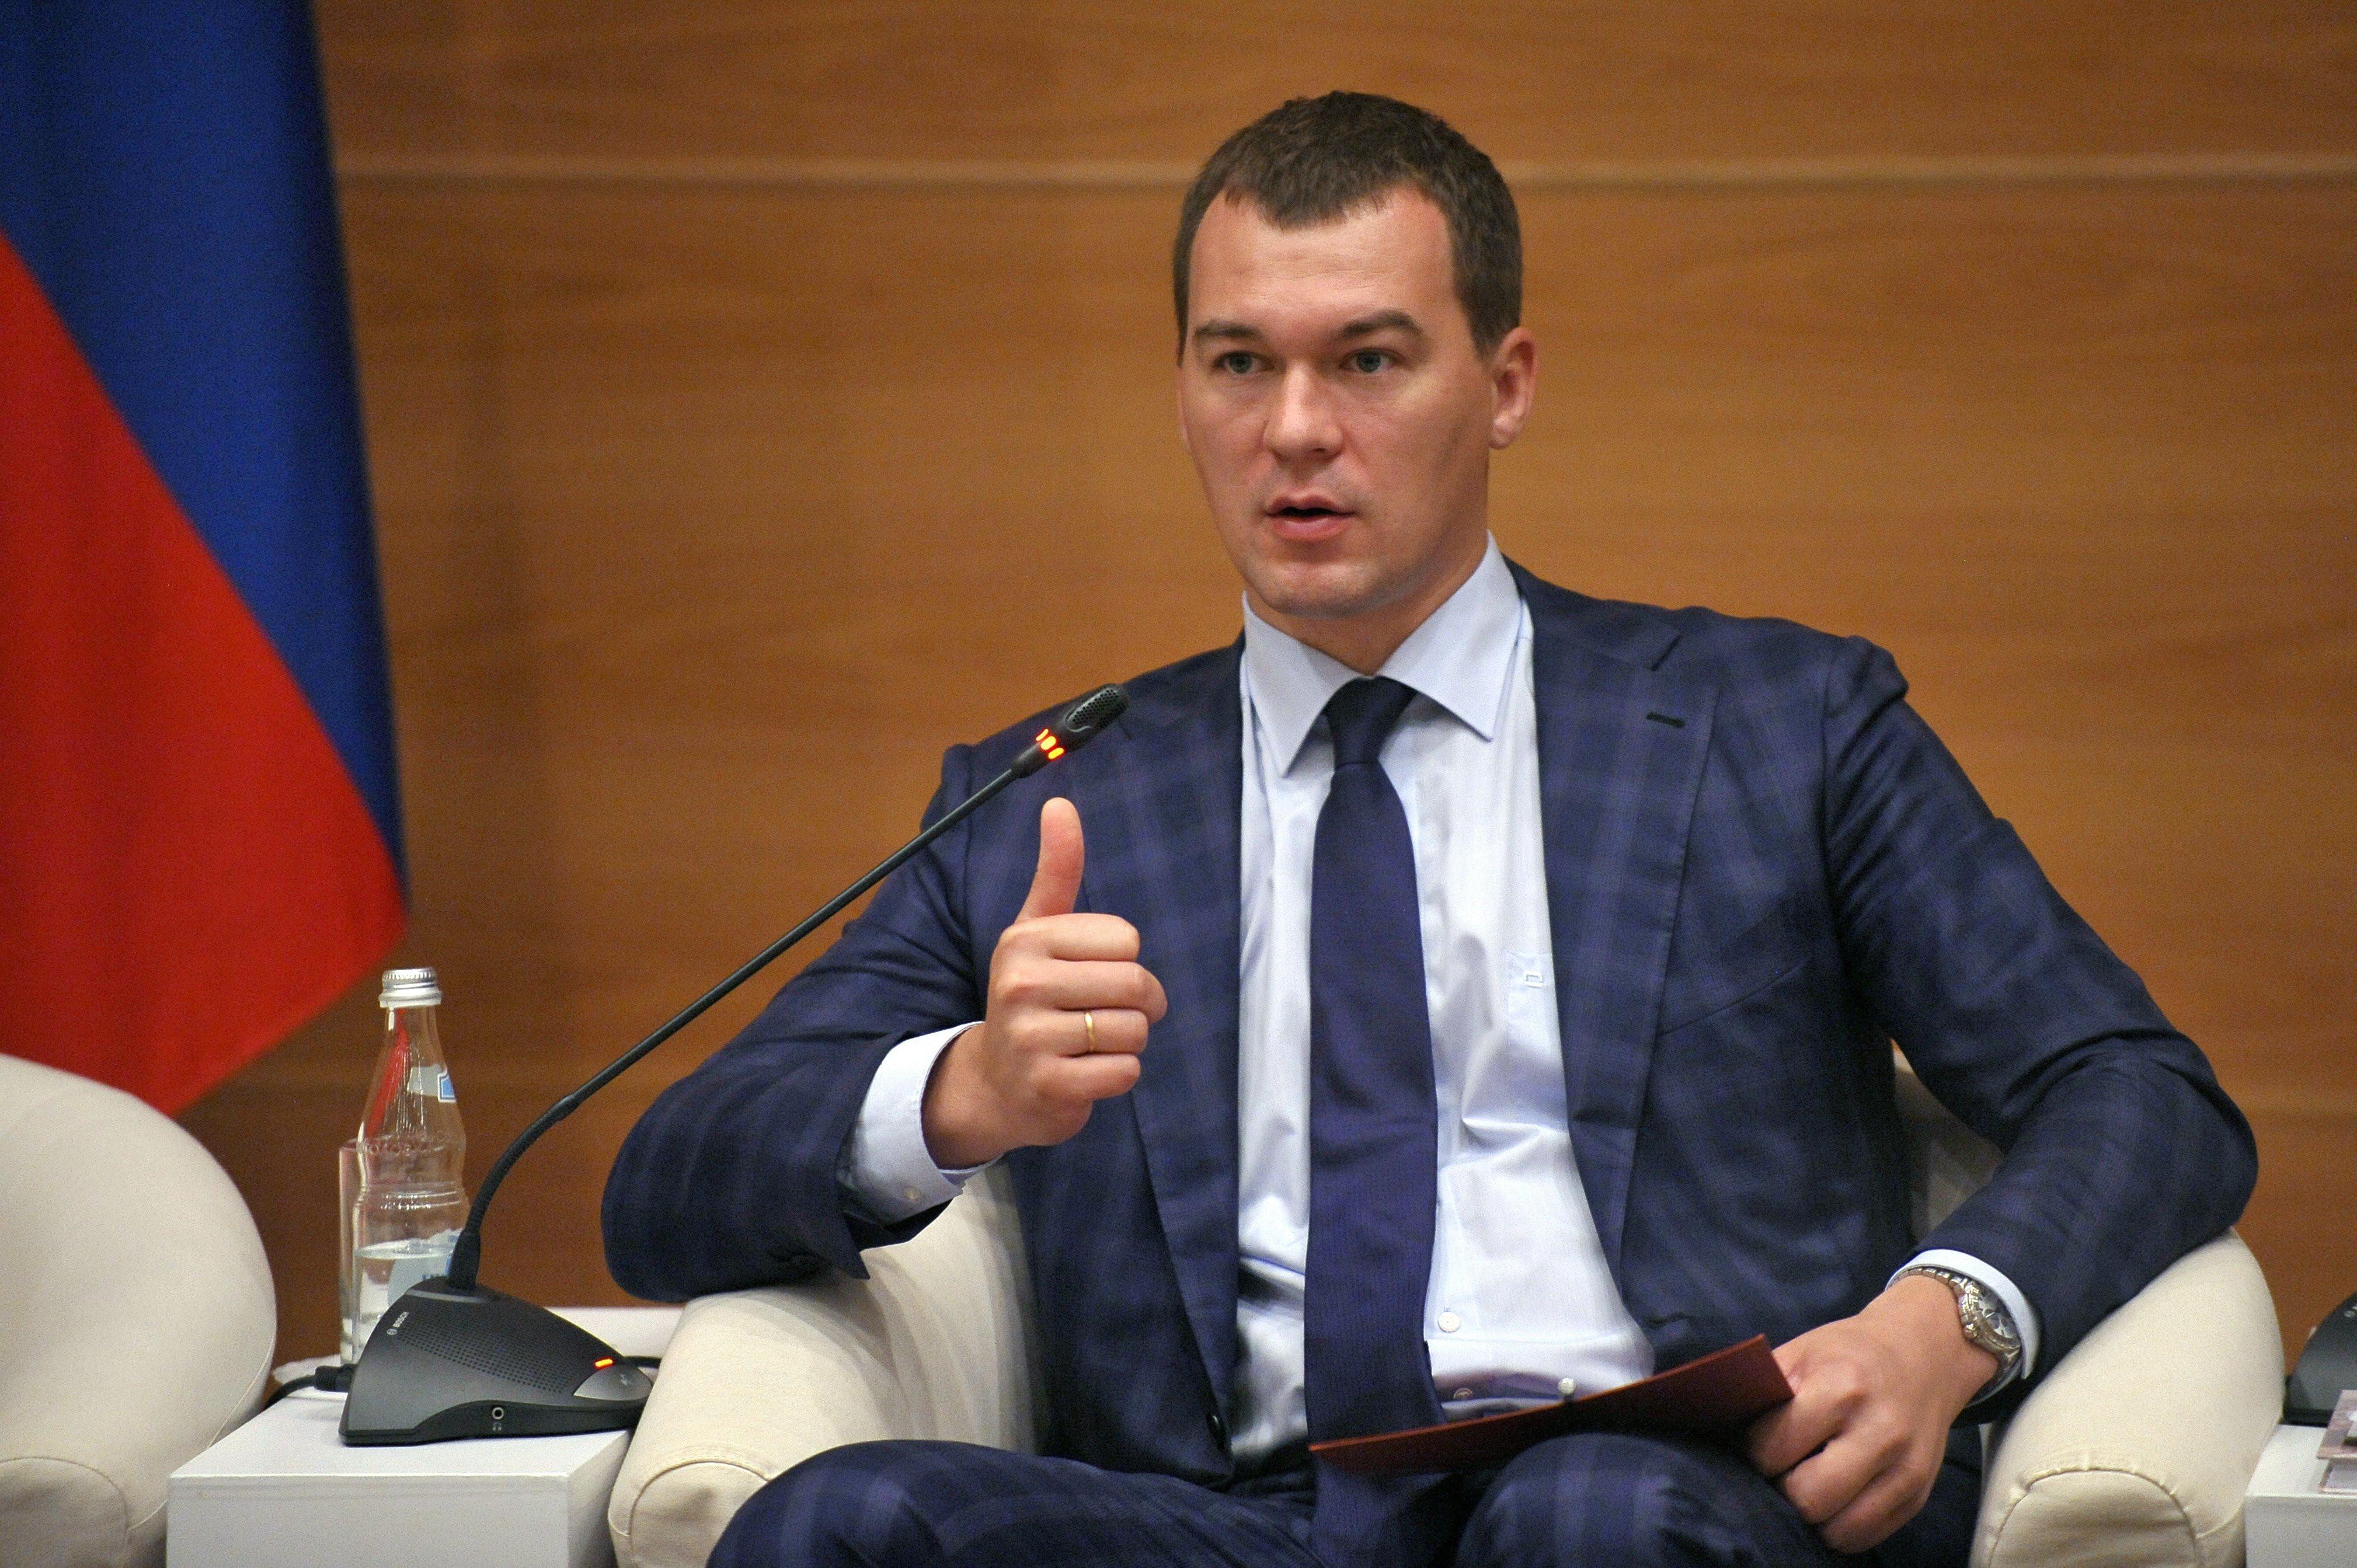 Охрана Дегтярёва обойдётся правительству в 800 тысяч в месяц